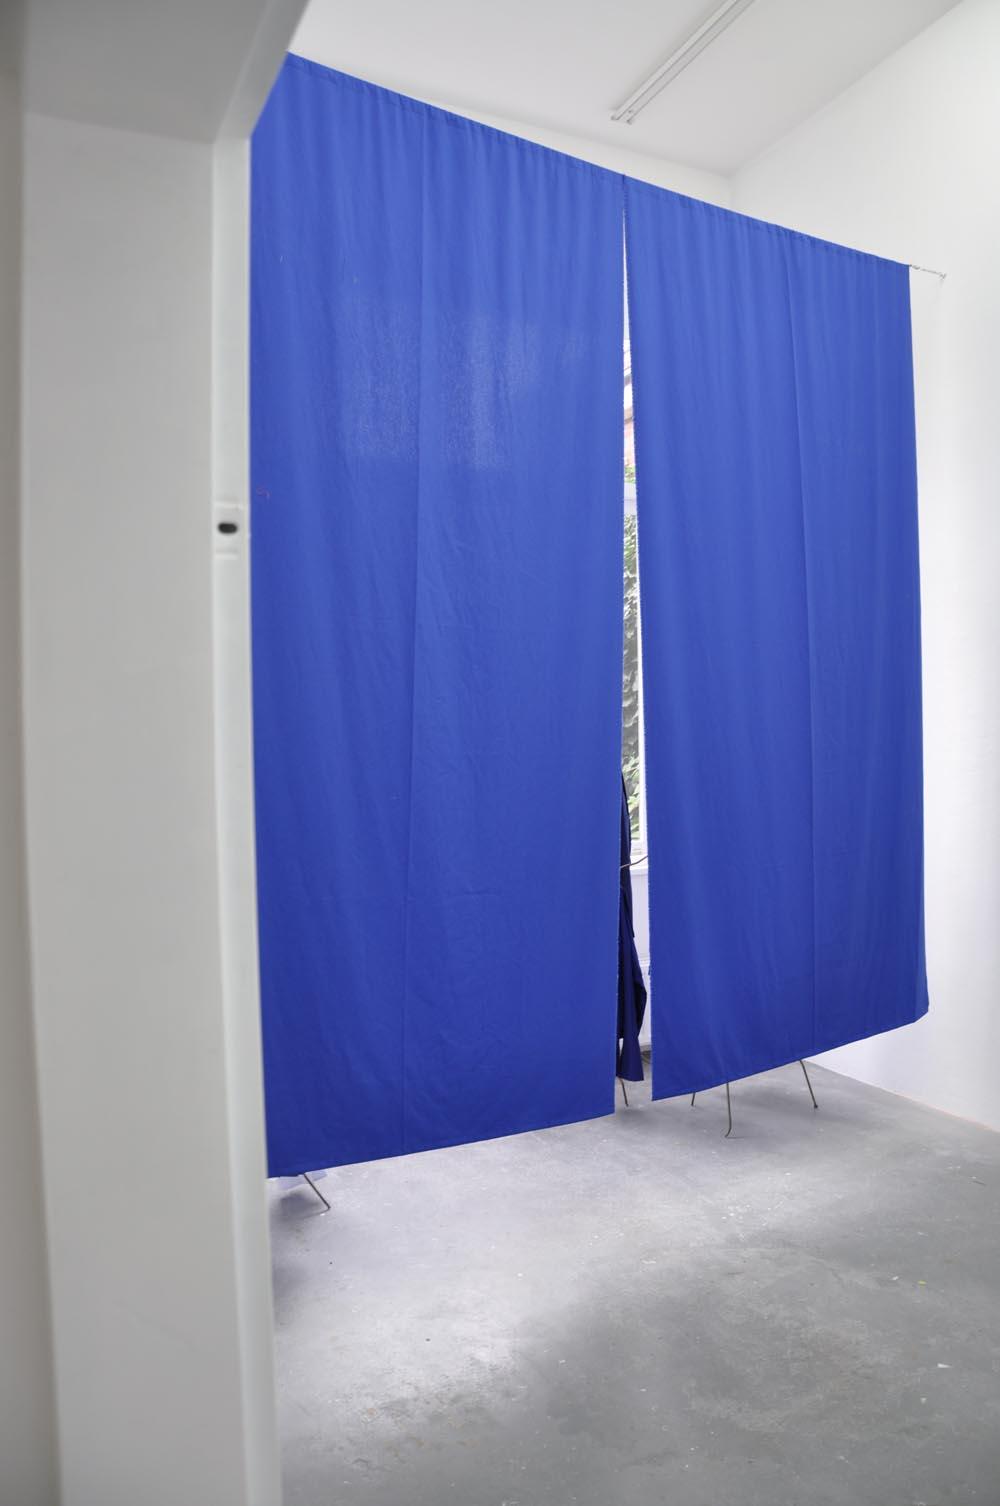 Curtain Behind the Heap